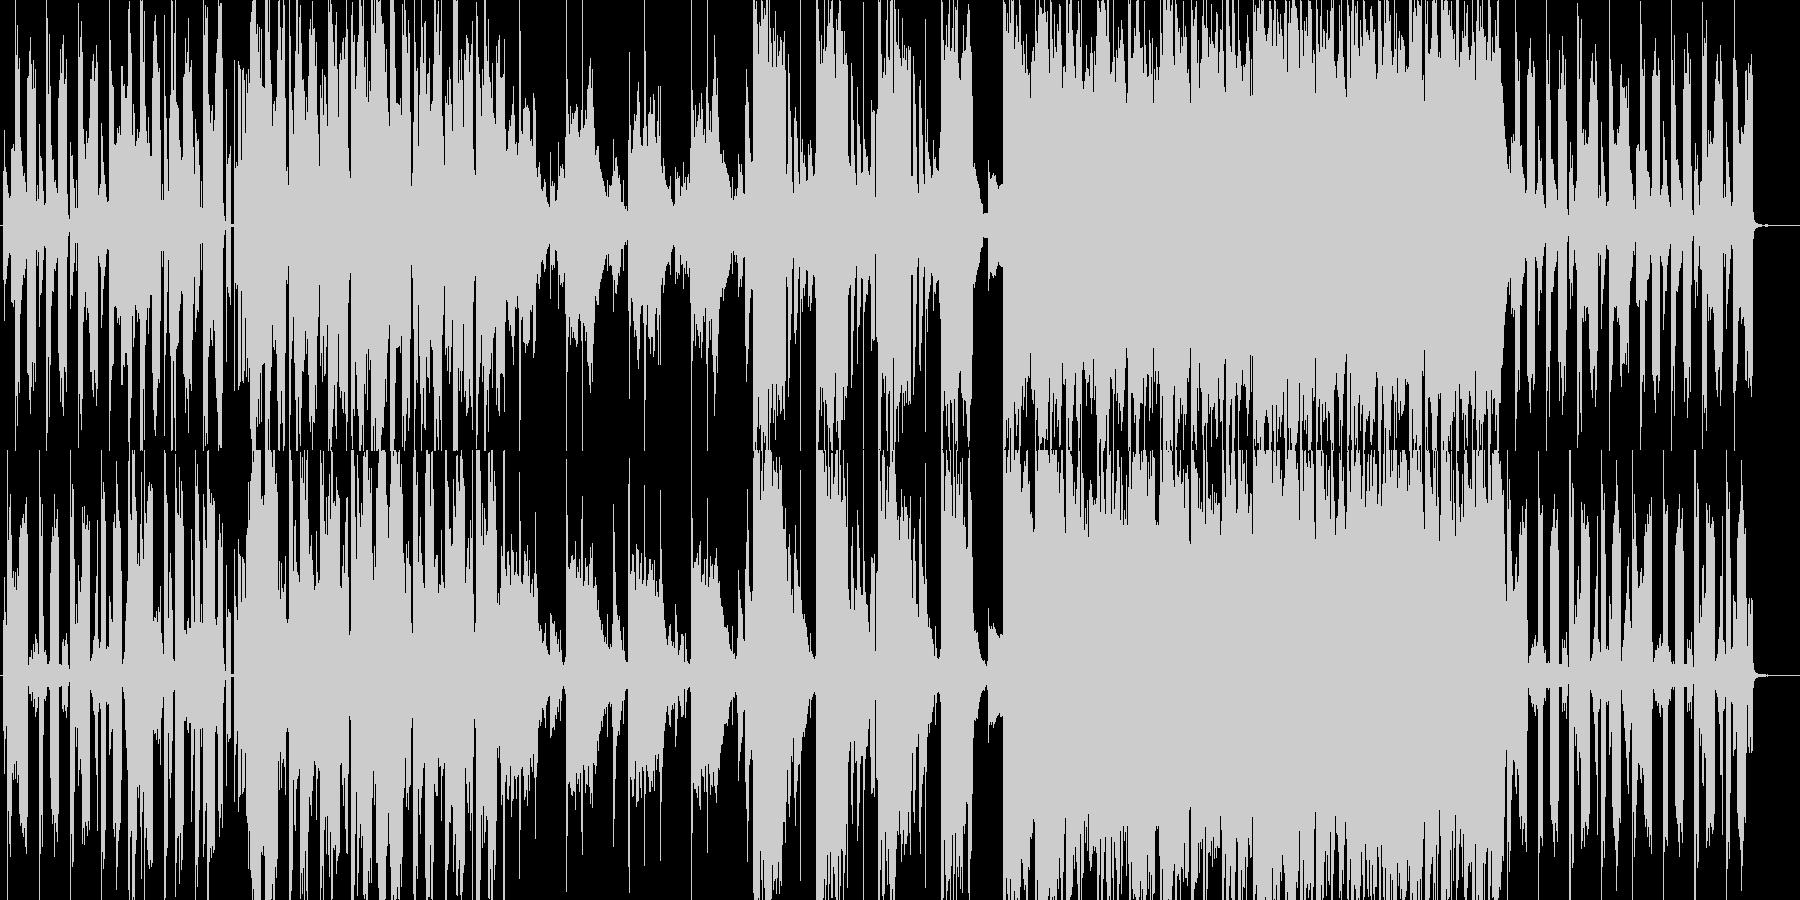 おしゃれな映像作品に合いそうな楽曲の未再生の波形